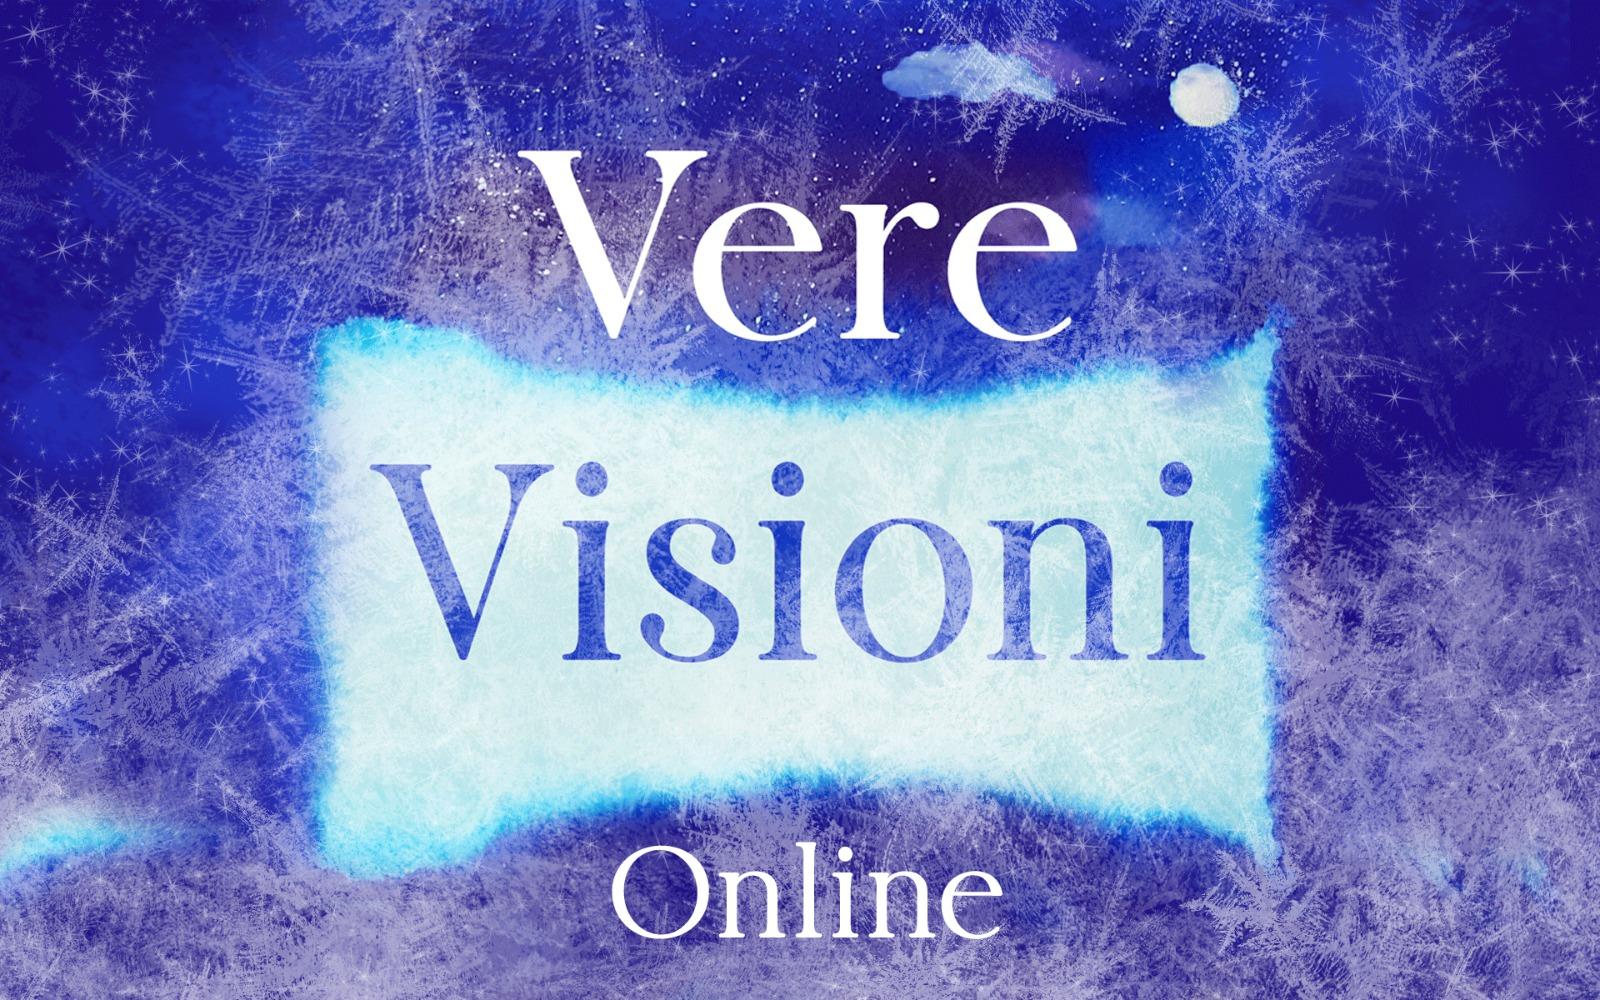 VERE VISIONI - ONLINE